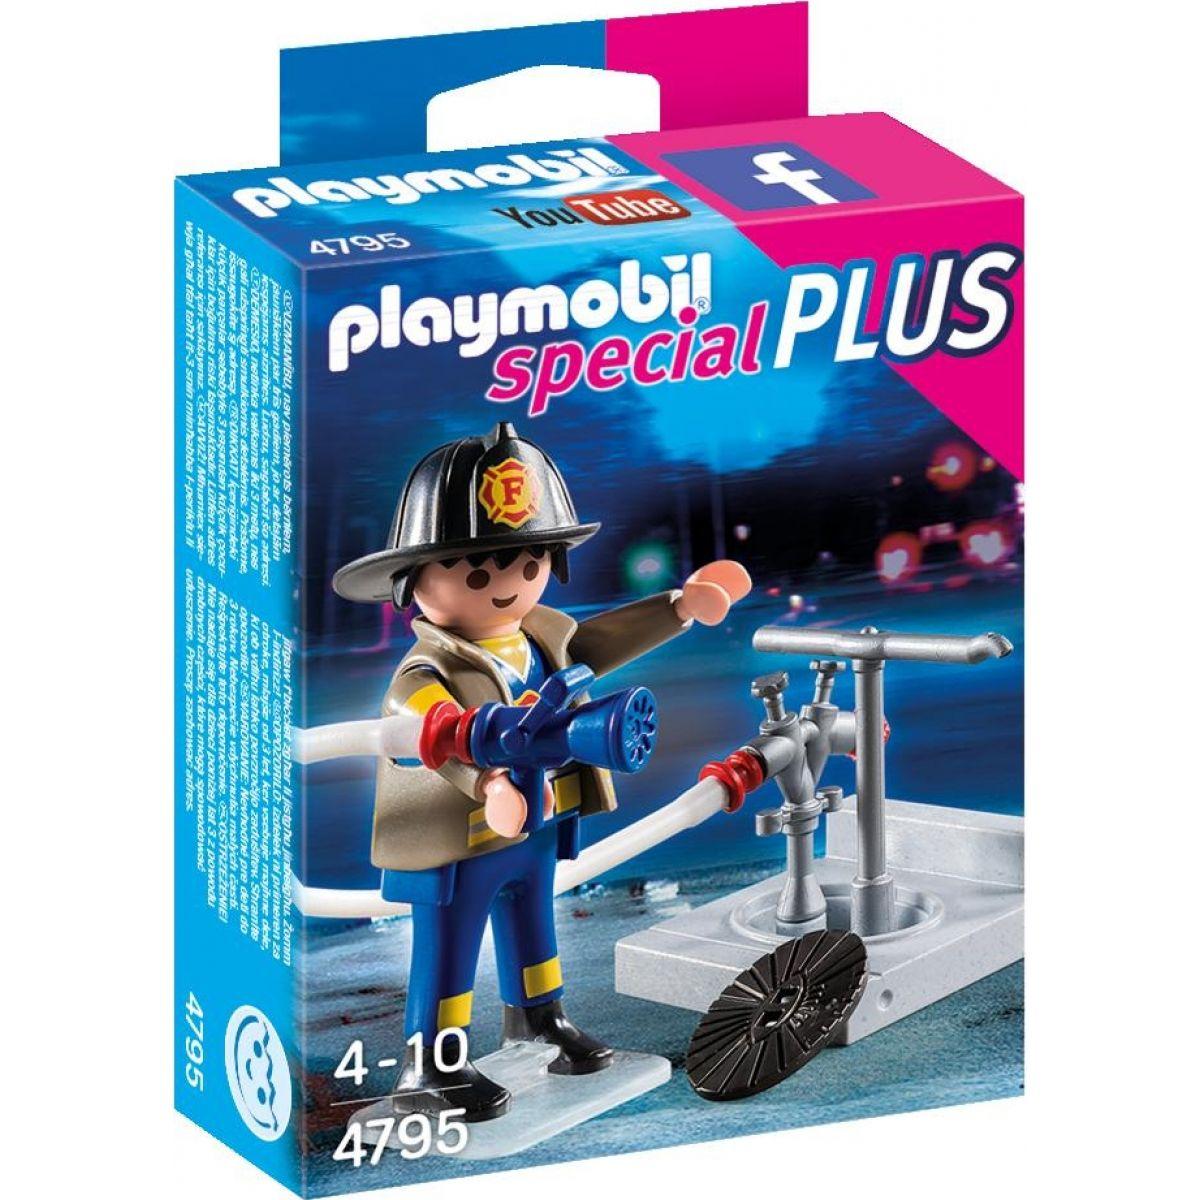 Playmobil 4795 Hasič s hydrantmi